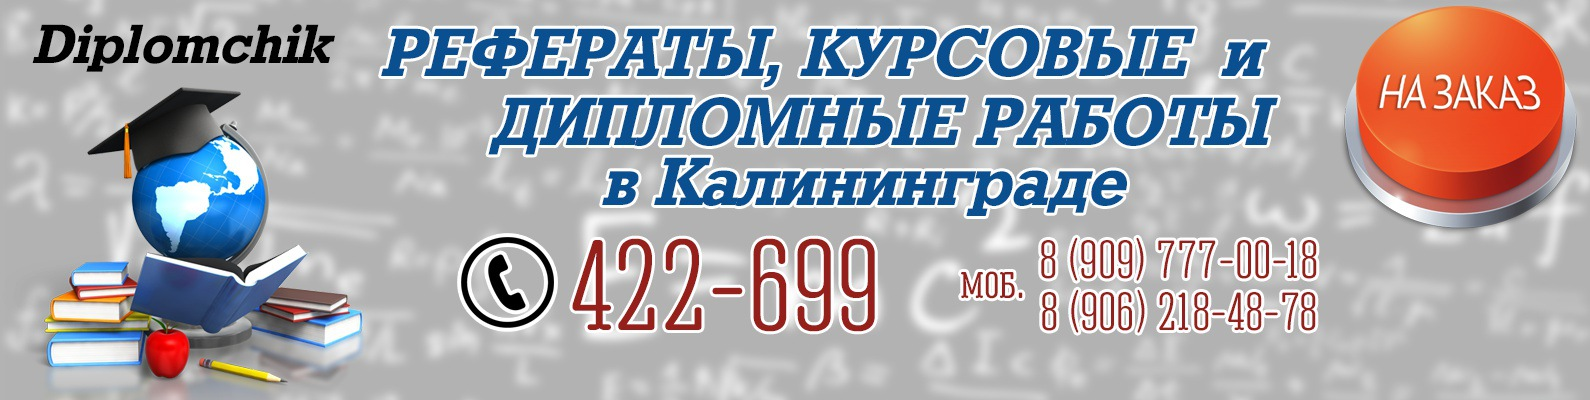 Заказ курсовых работ в калининграде 5014